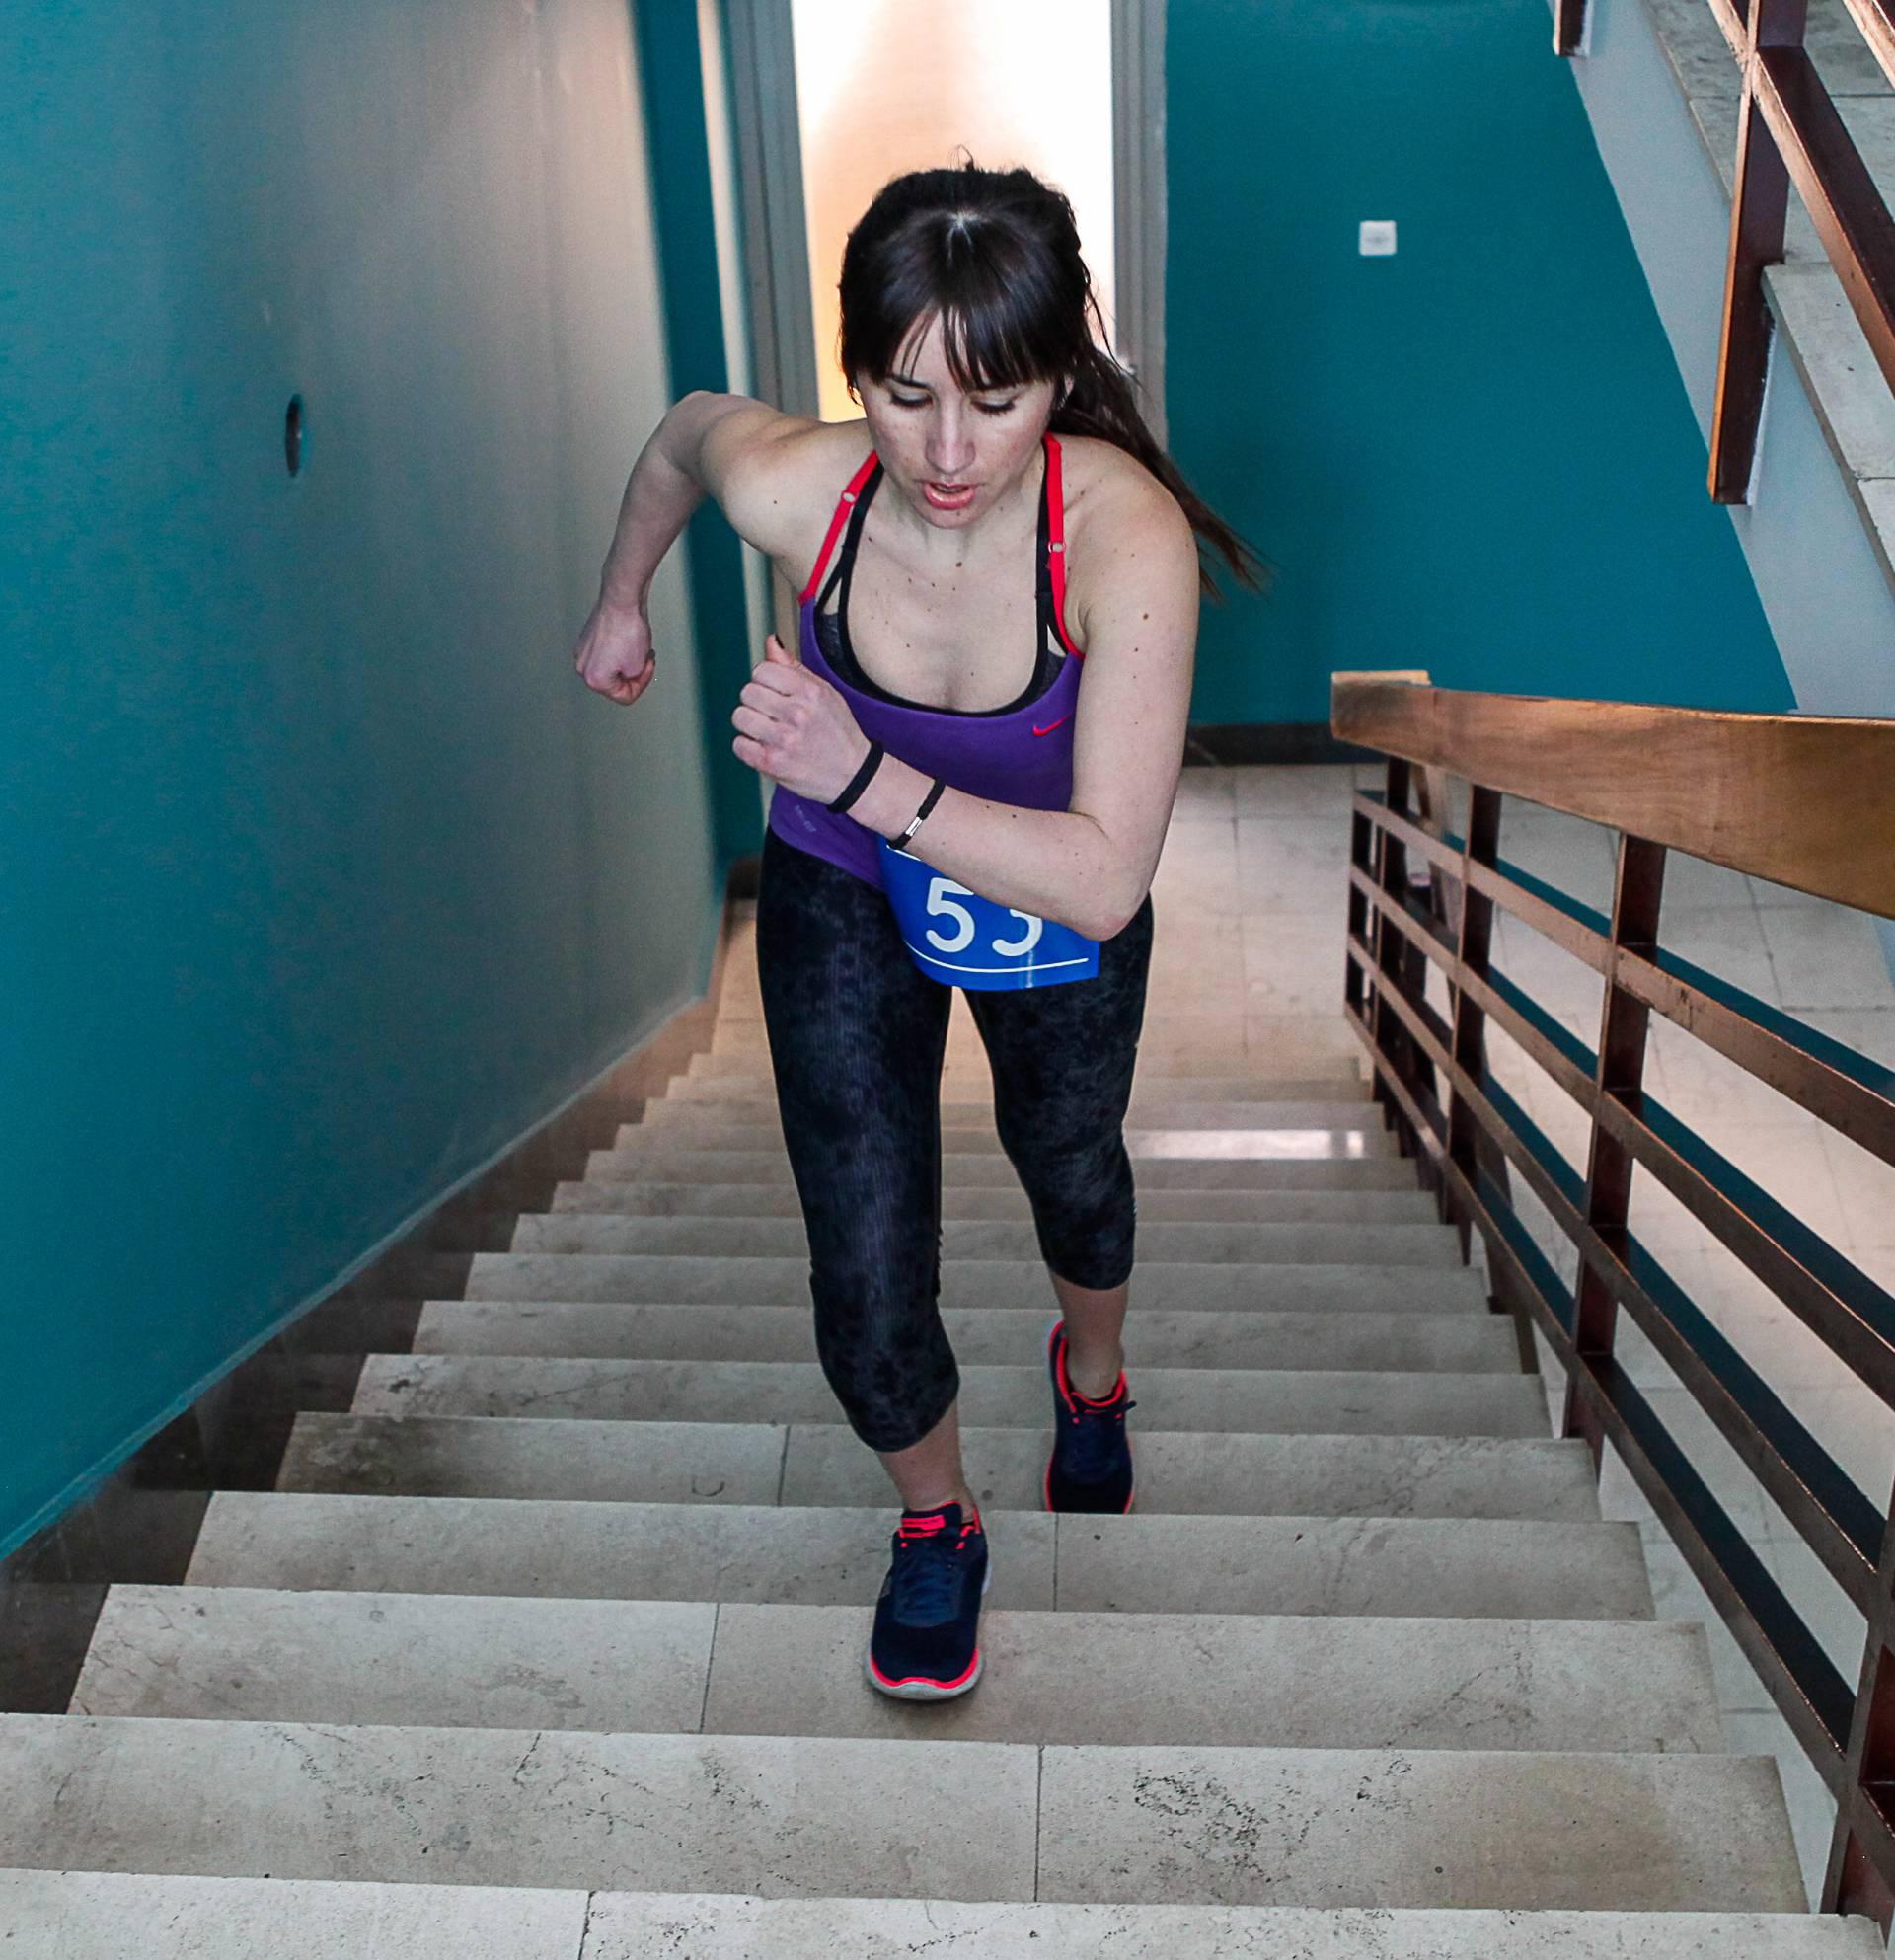 Jedinstvena utrka: Tko će prije stubama do vrha Zagrepčanke?